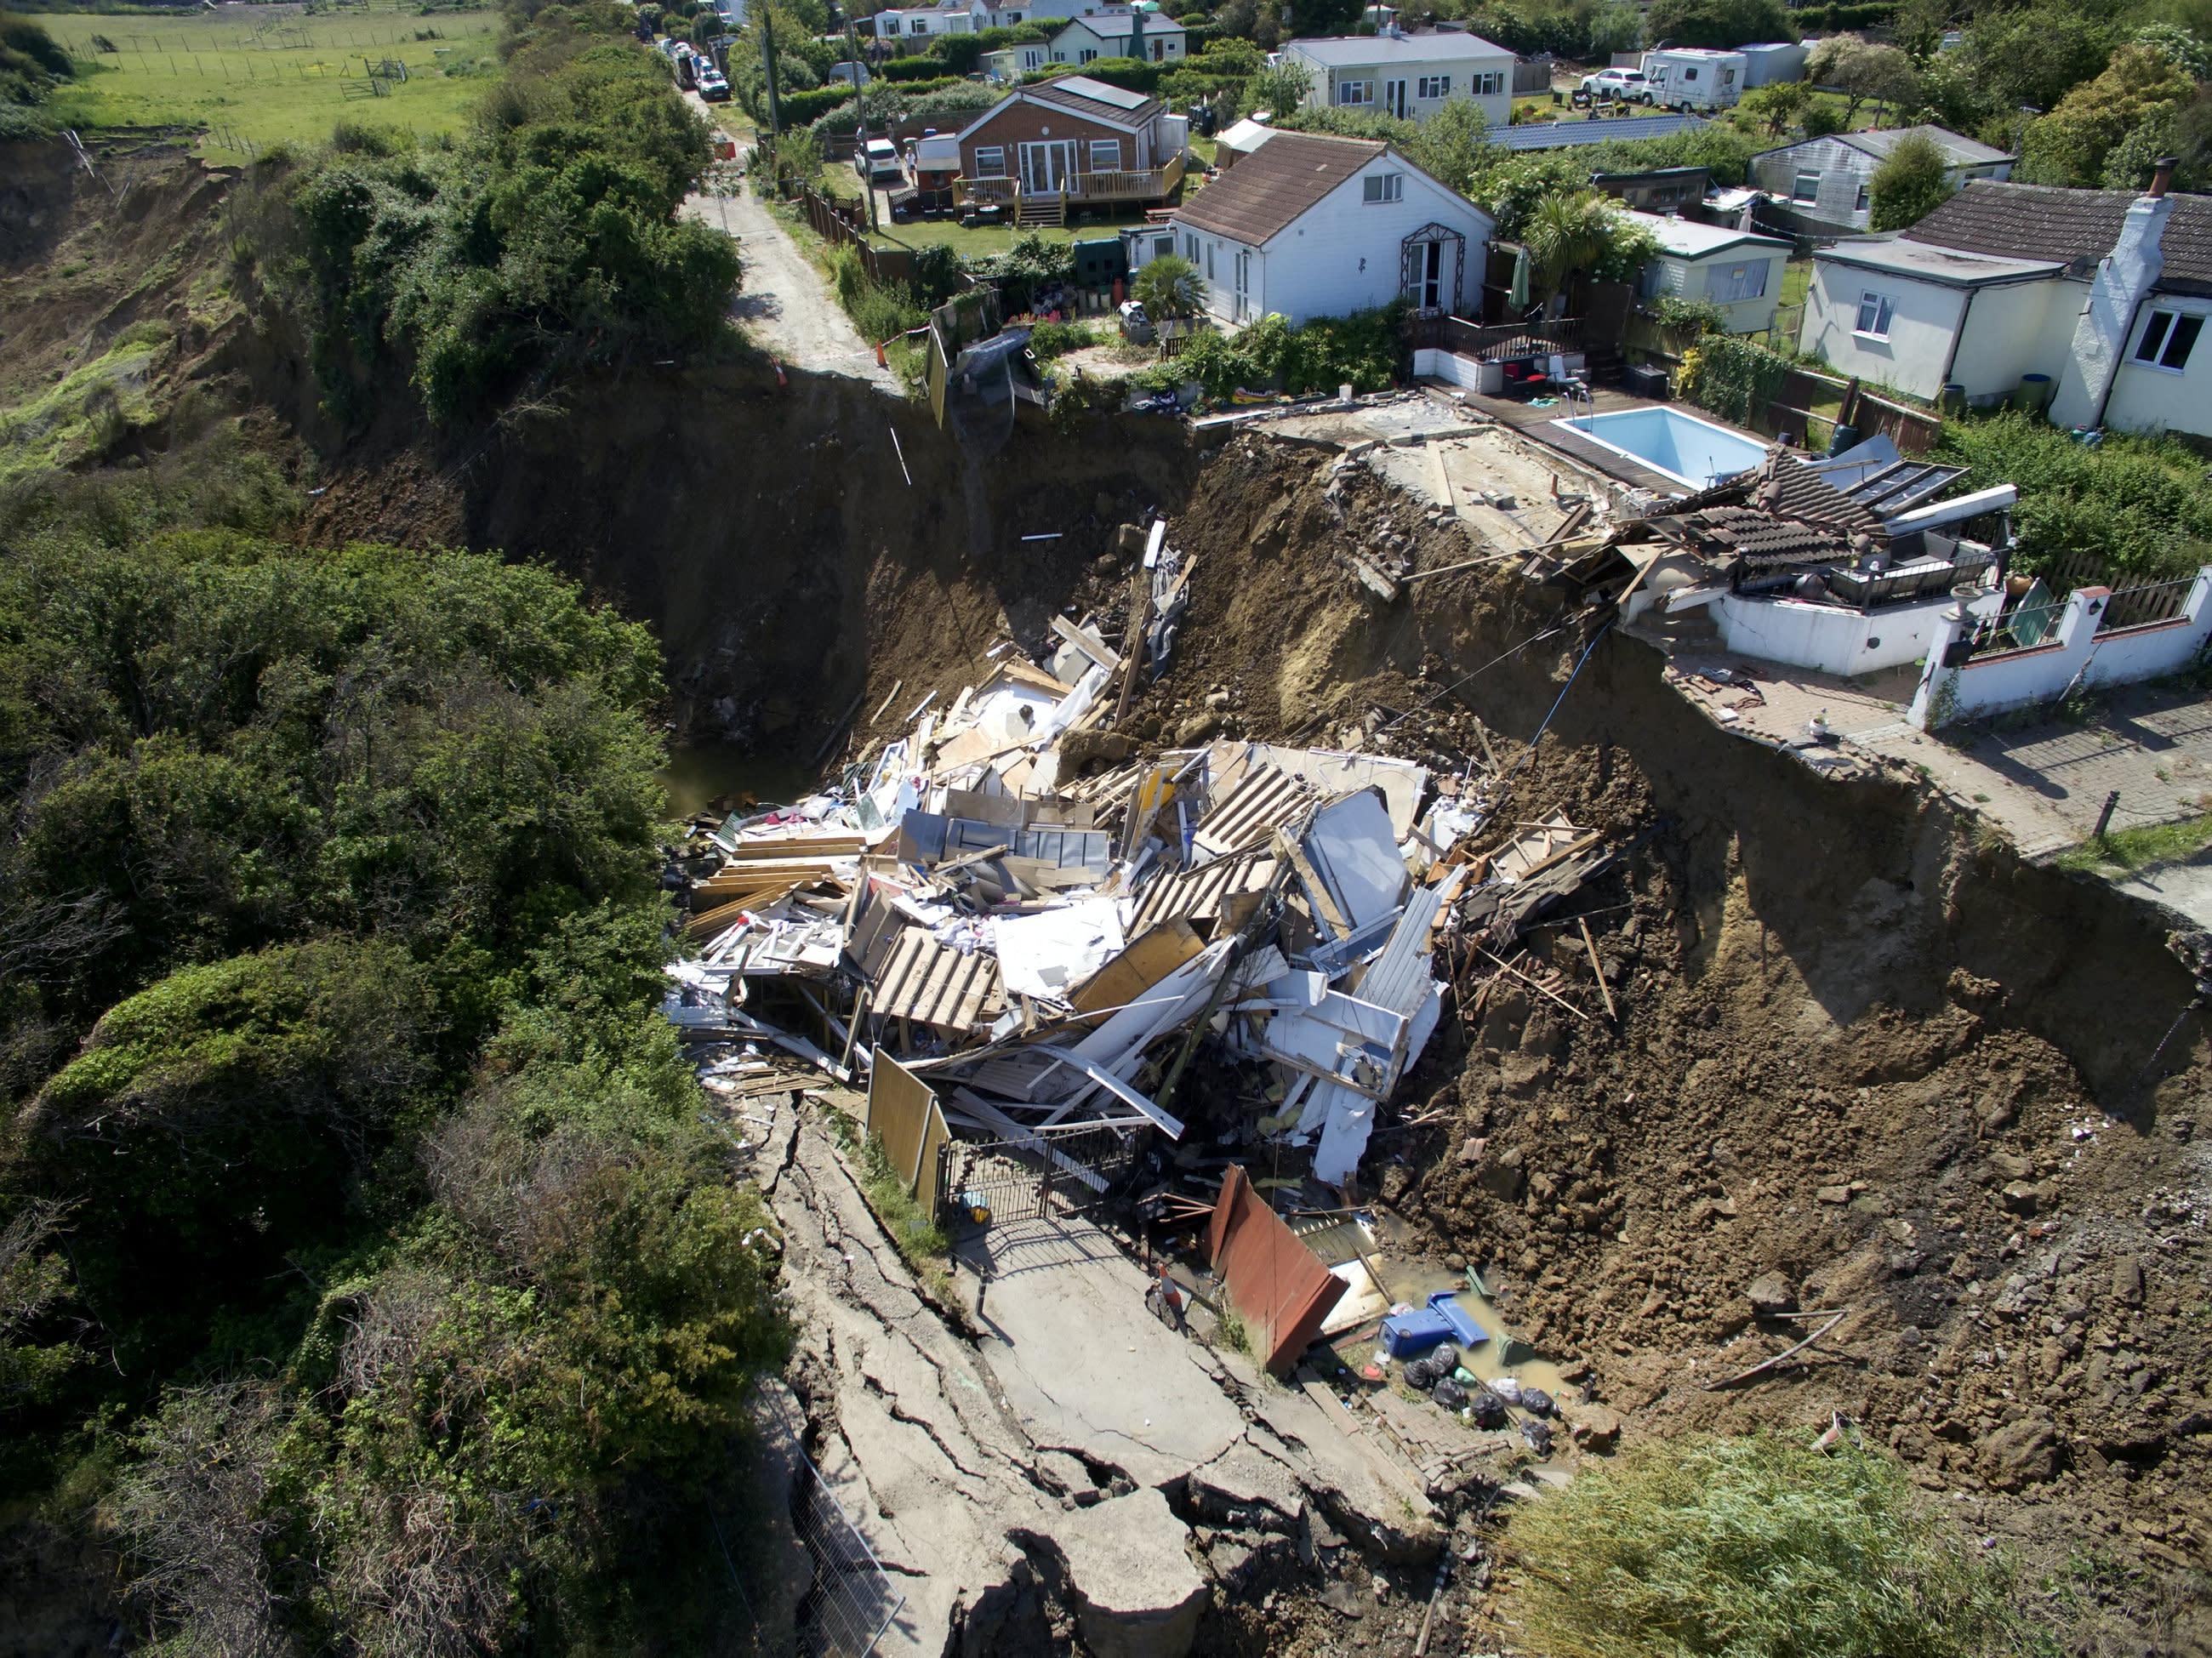 Mother's £200,000 dream home left hanging over Kent cliff falls off after another landslide